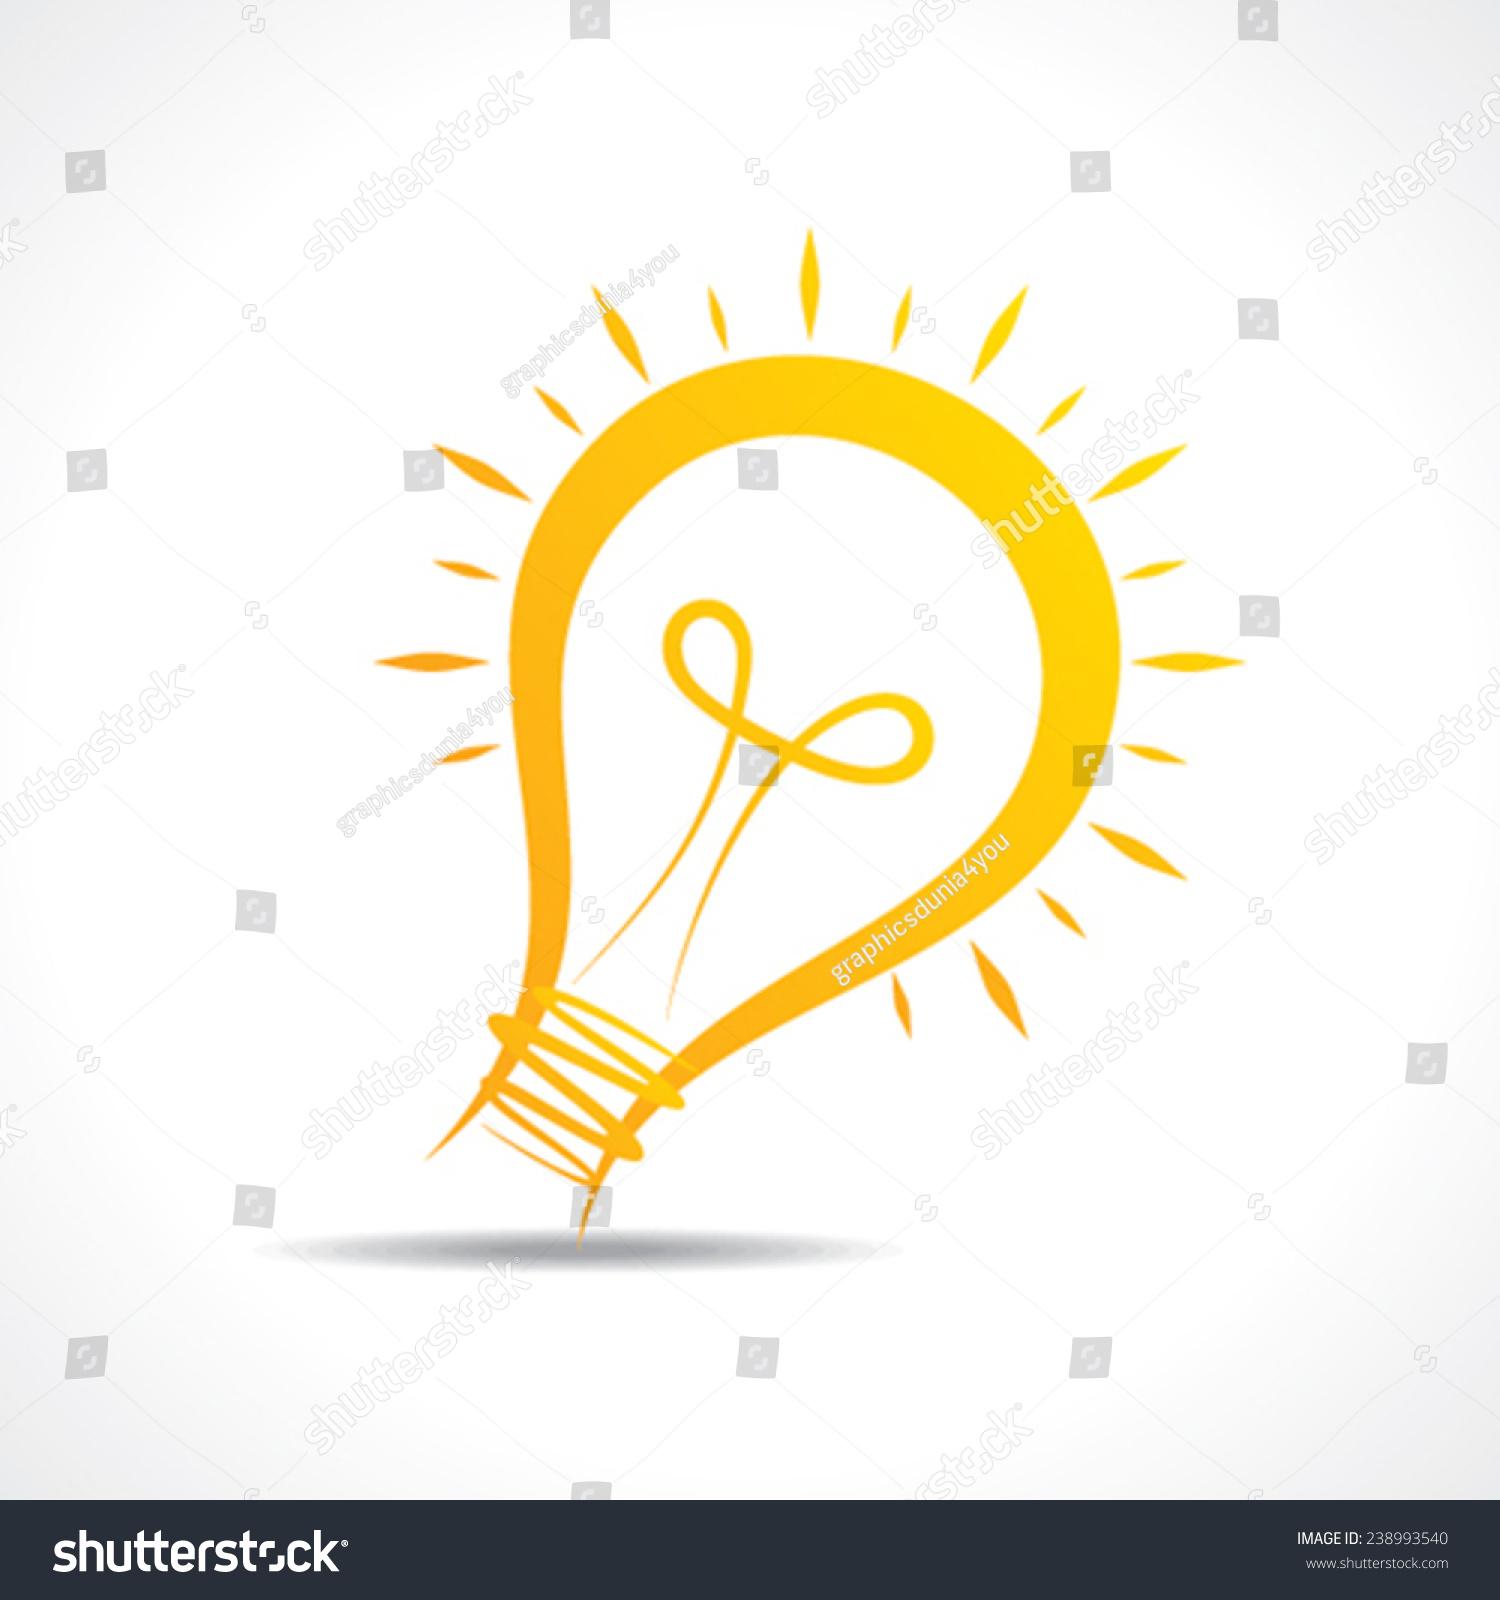 抽象的黄色电灯泡图标股票向量-商业/金融,符号/标志